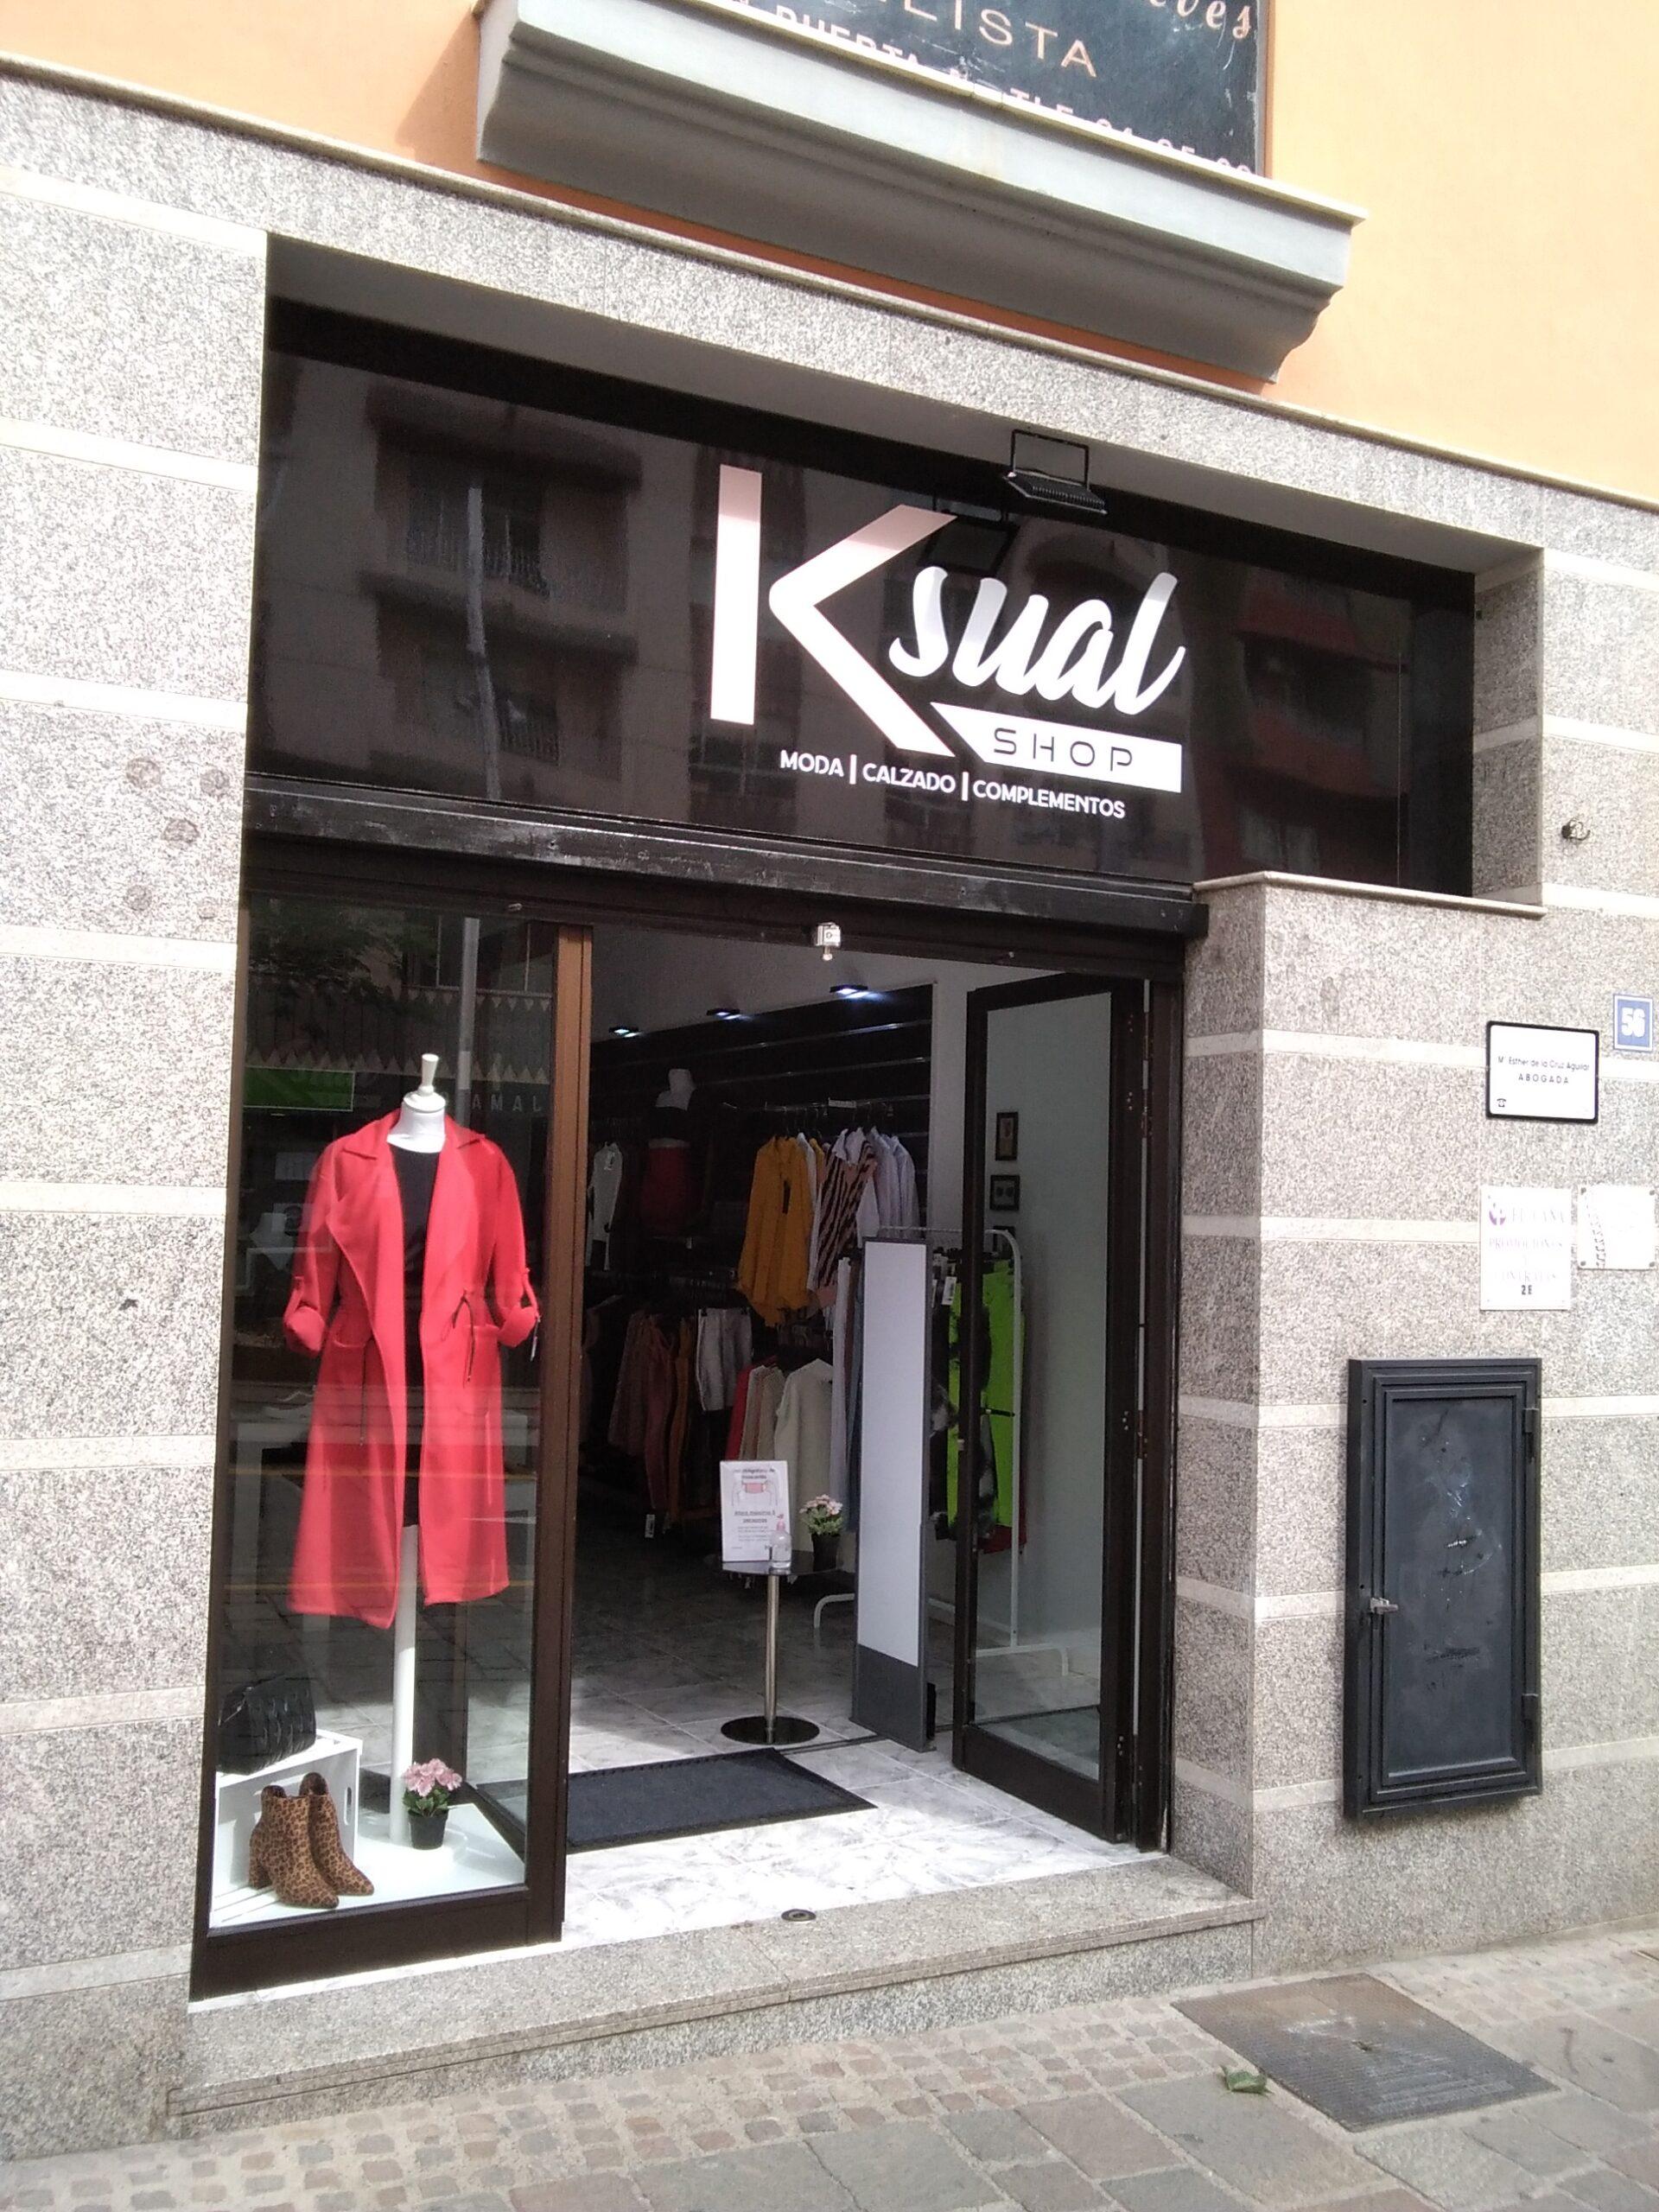 Ksual shop